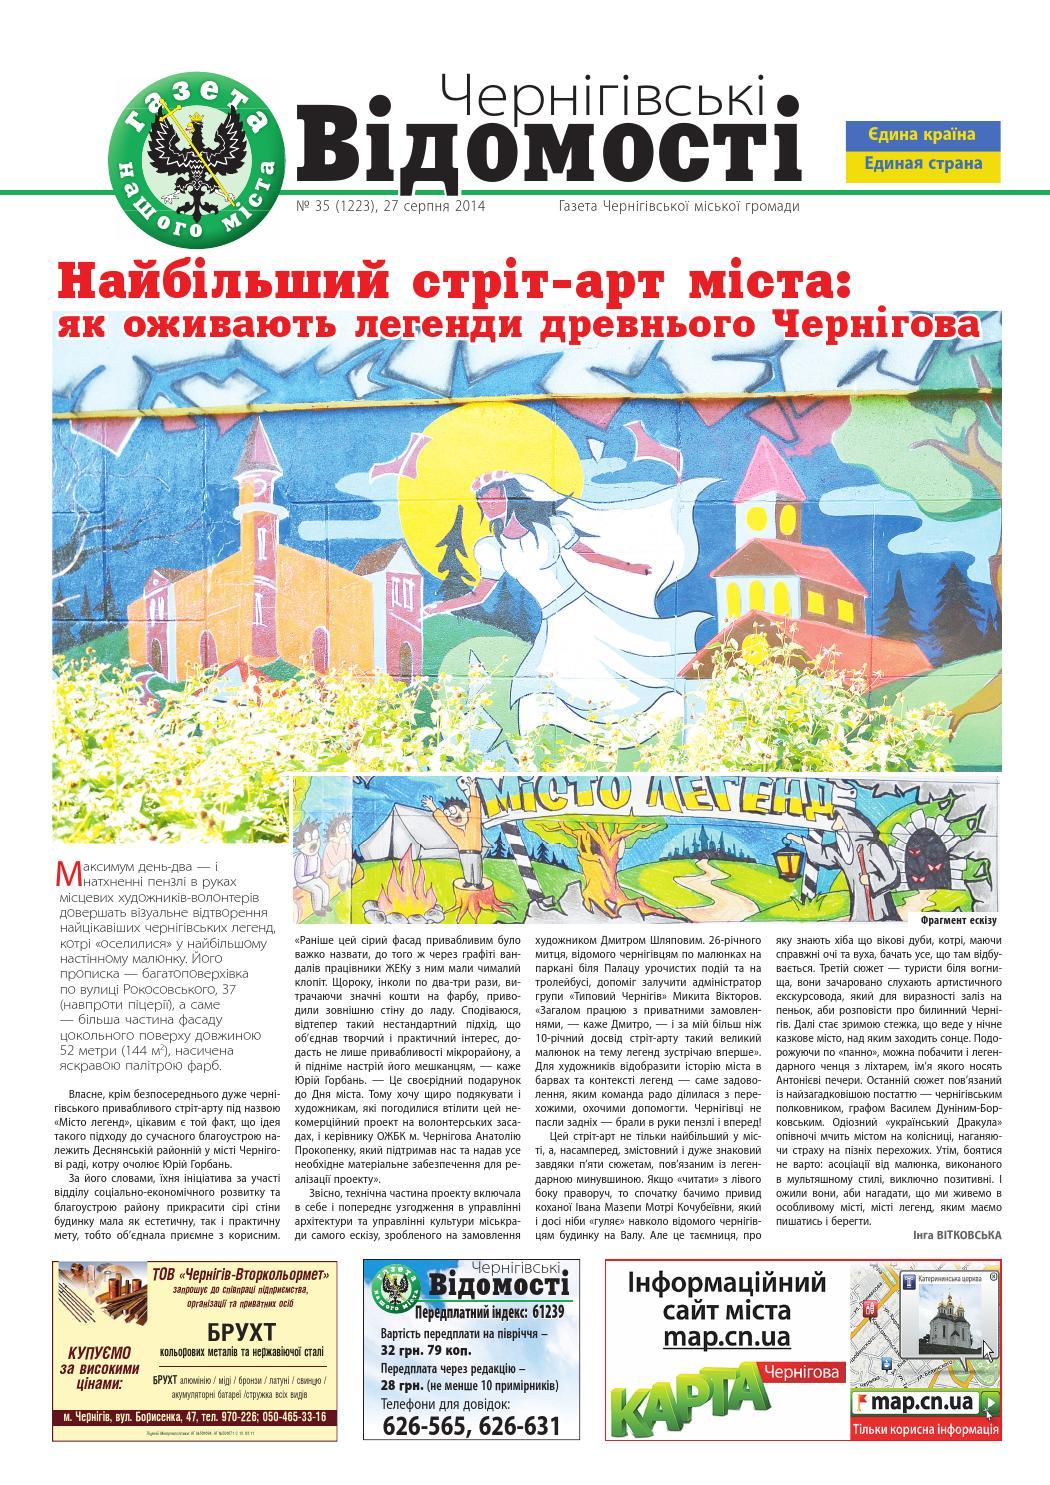 Чернігівські відомості (газета нашого міста) №35 by Alex PAN - issuu 9d62d397008d2